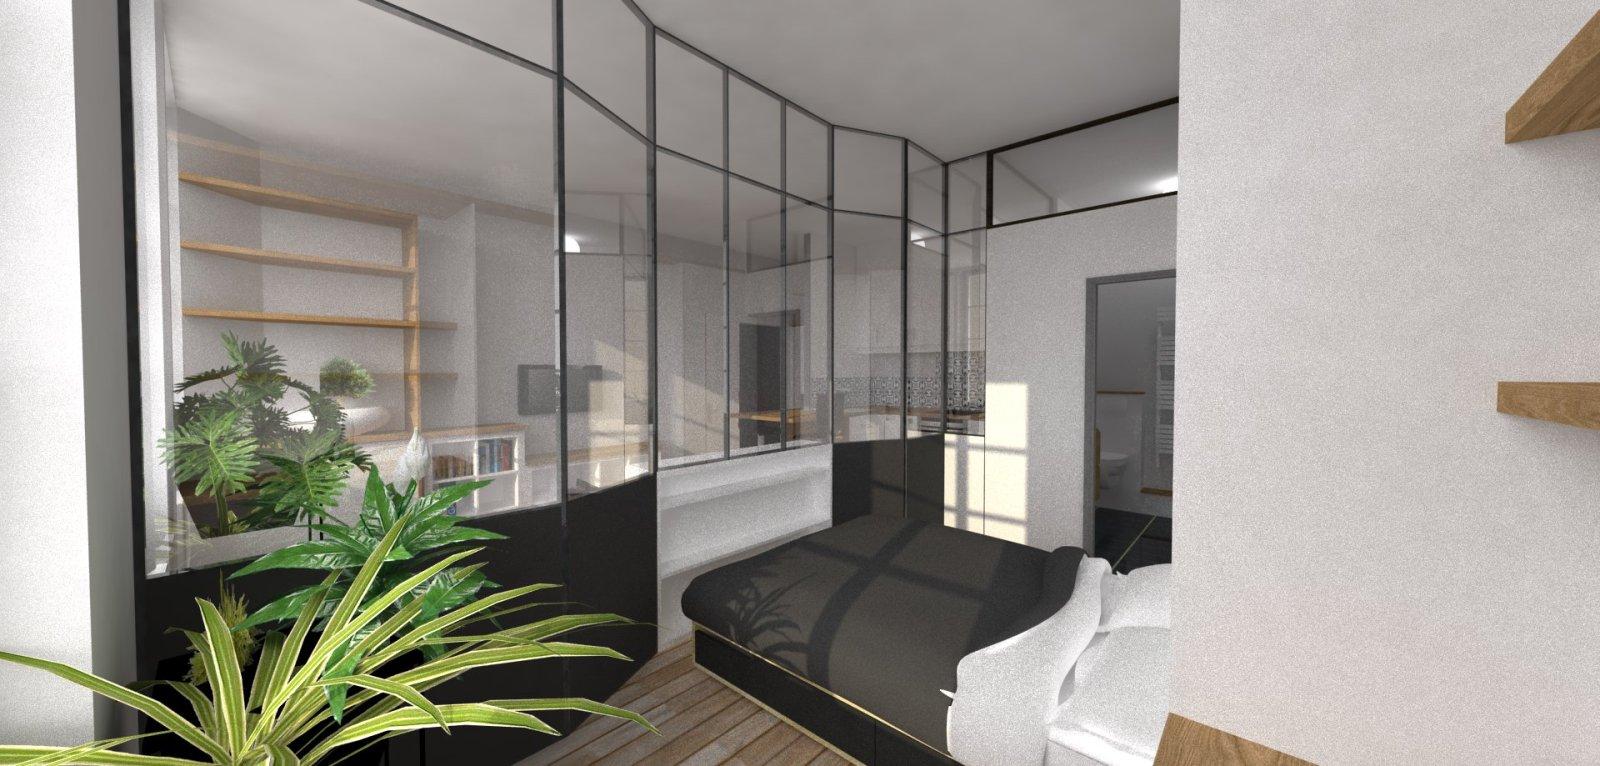 16 010 rue ney asa lyon architecte auvergne rhone alpes for Architecte rhone